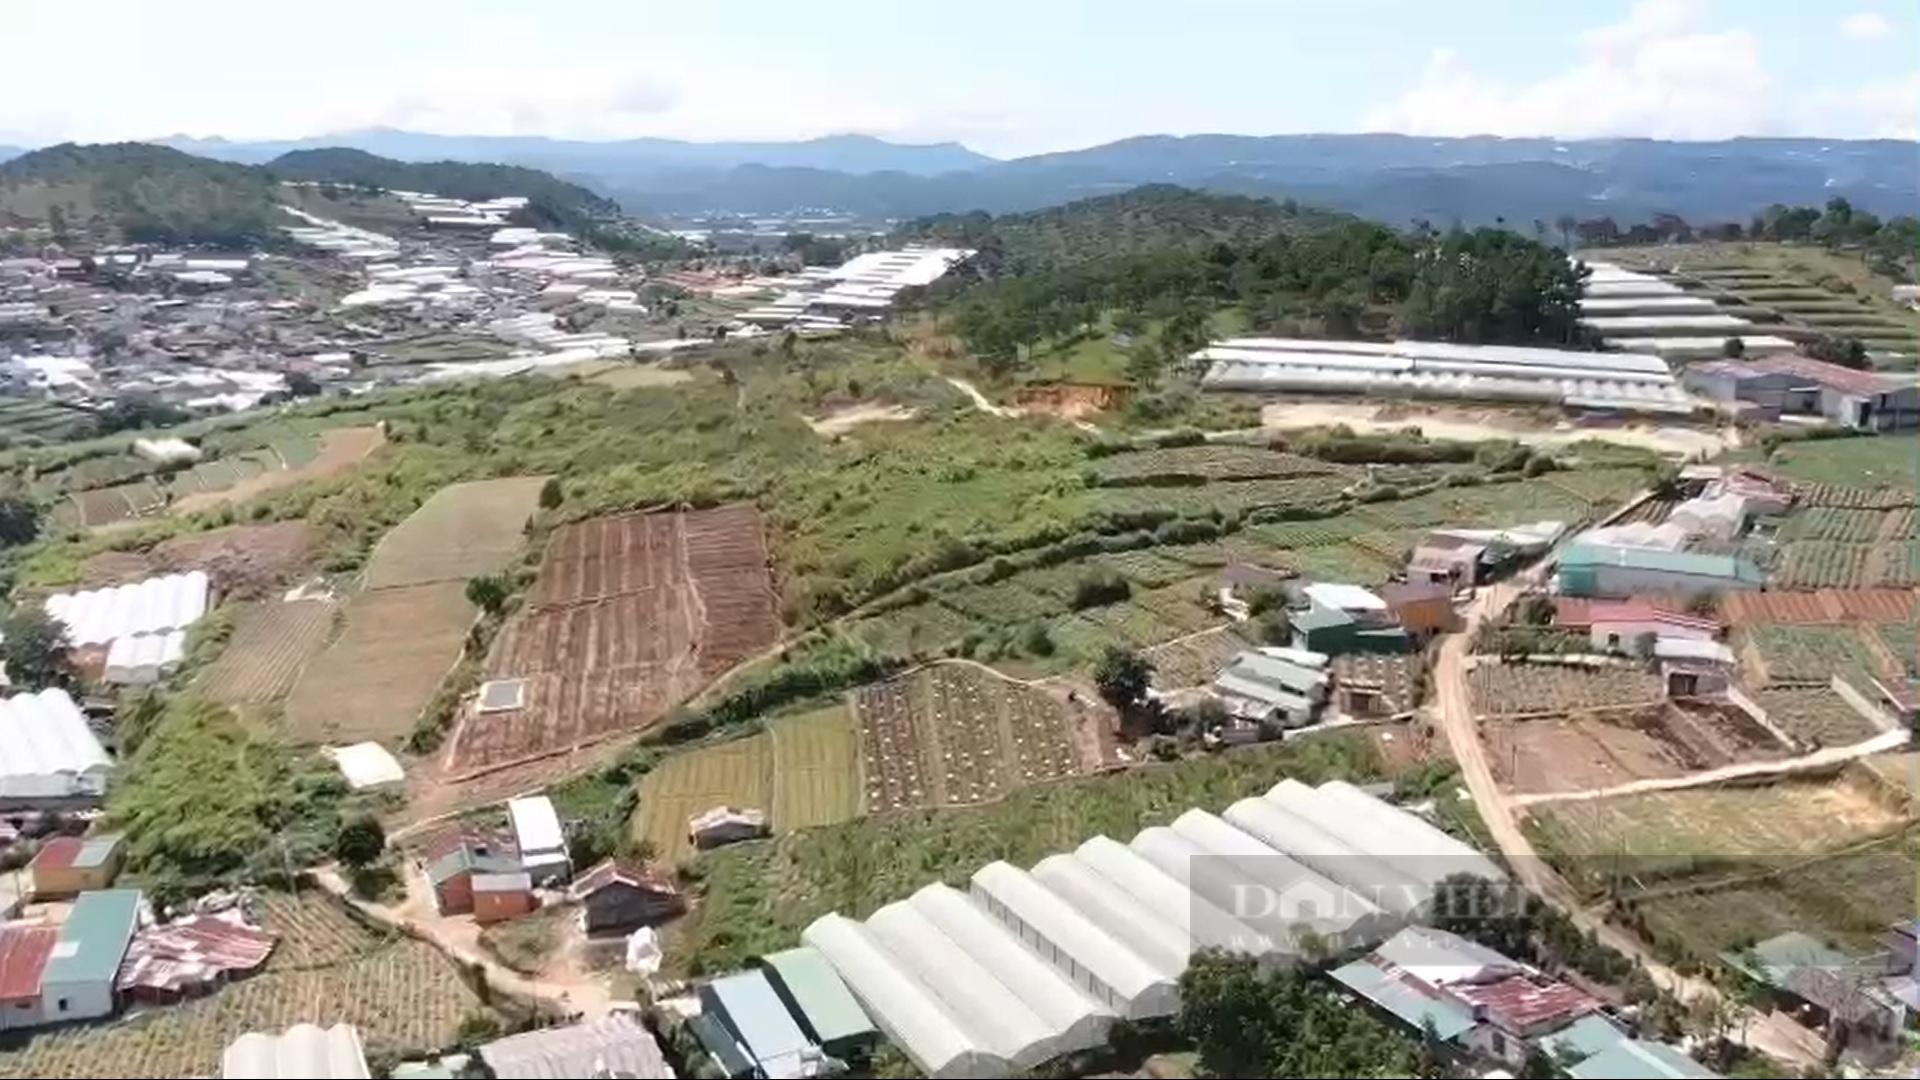 Lâm Đồng: Dự án khu dân cư treo 12 năm, chủ đầu tư có đủ năng lực? - Ảnh 1.